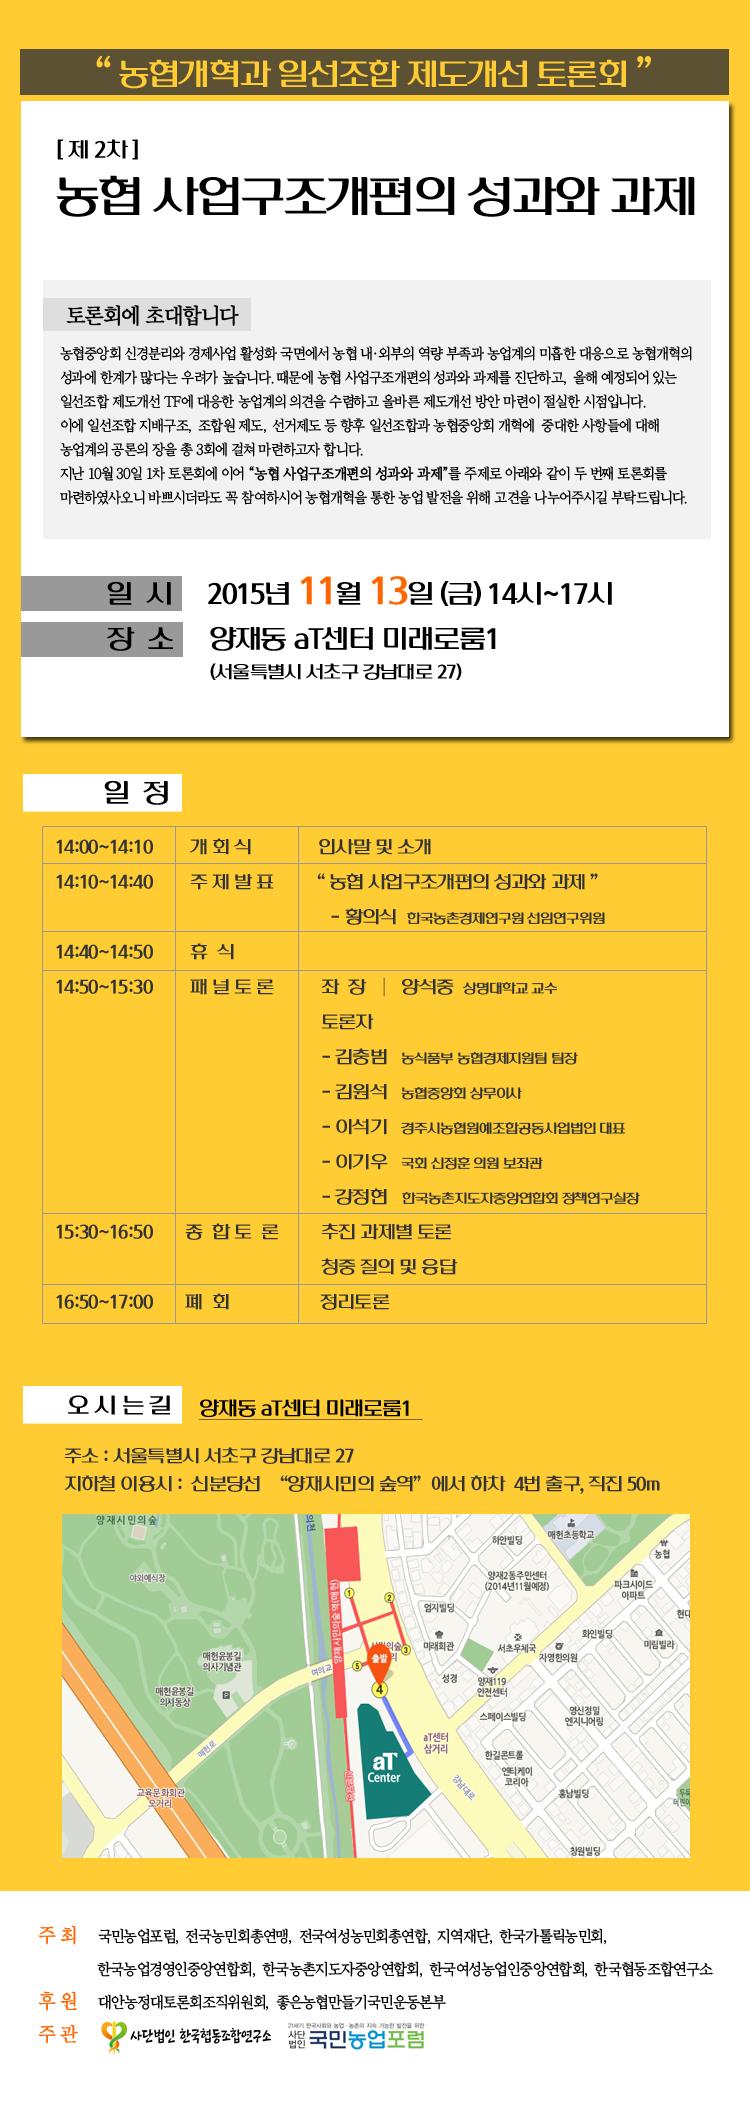 151113_농협개혁과일선조합제도개선토론회_2차.png